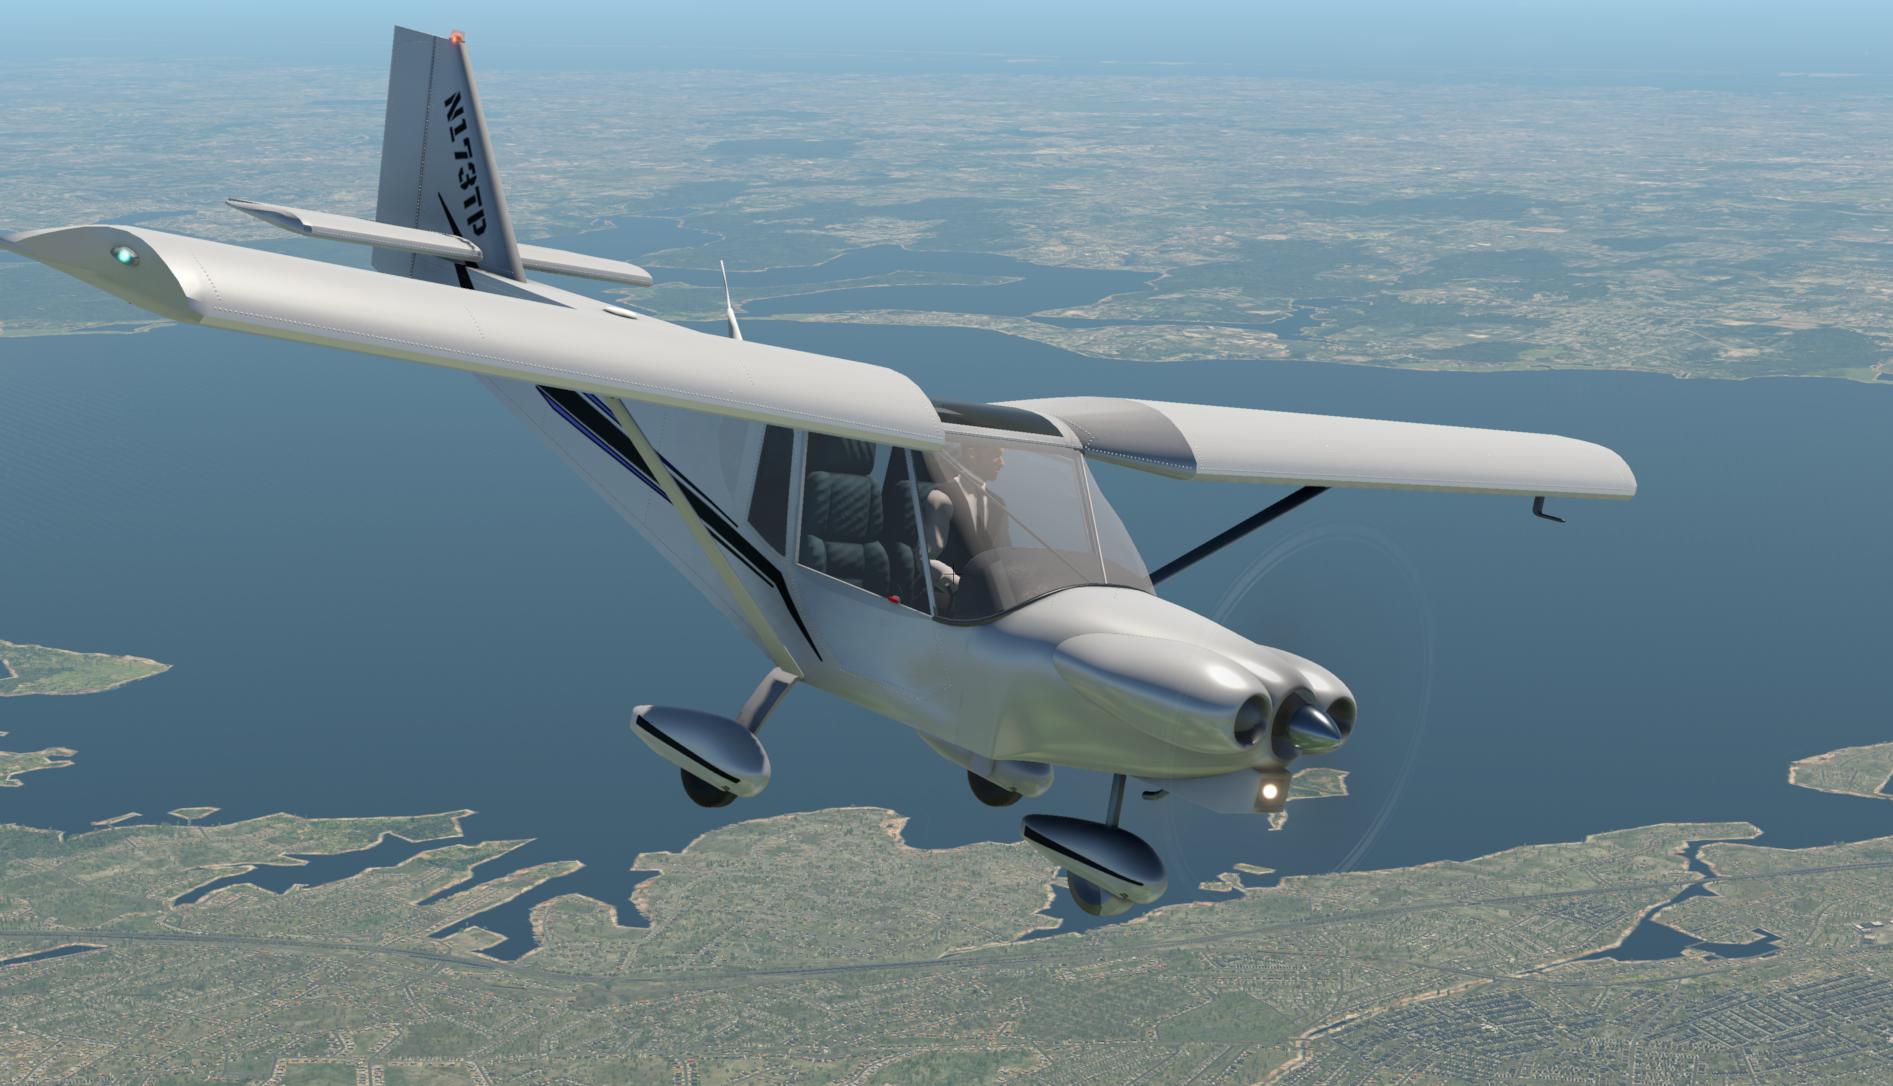 Zenith CH750 Cruzer - General Aviation - X-Plane Org Forum